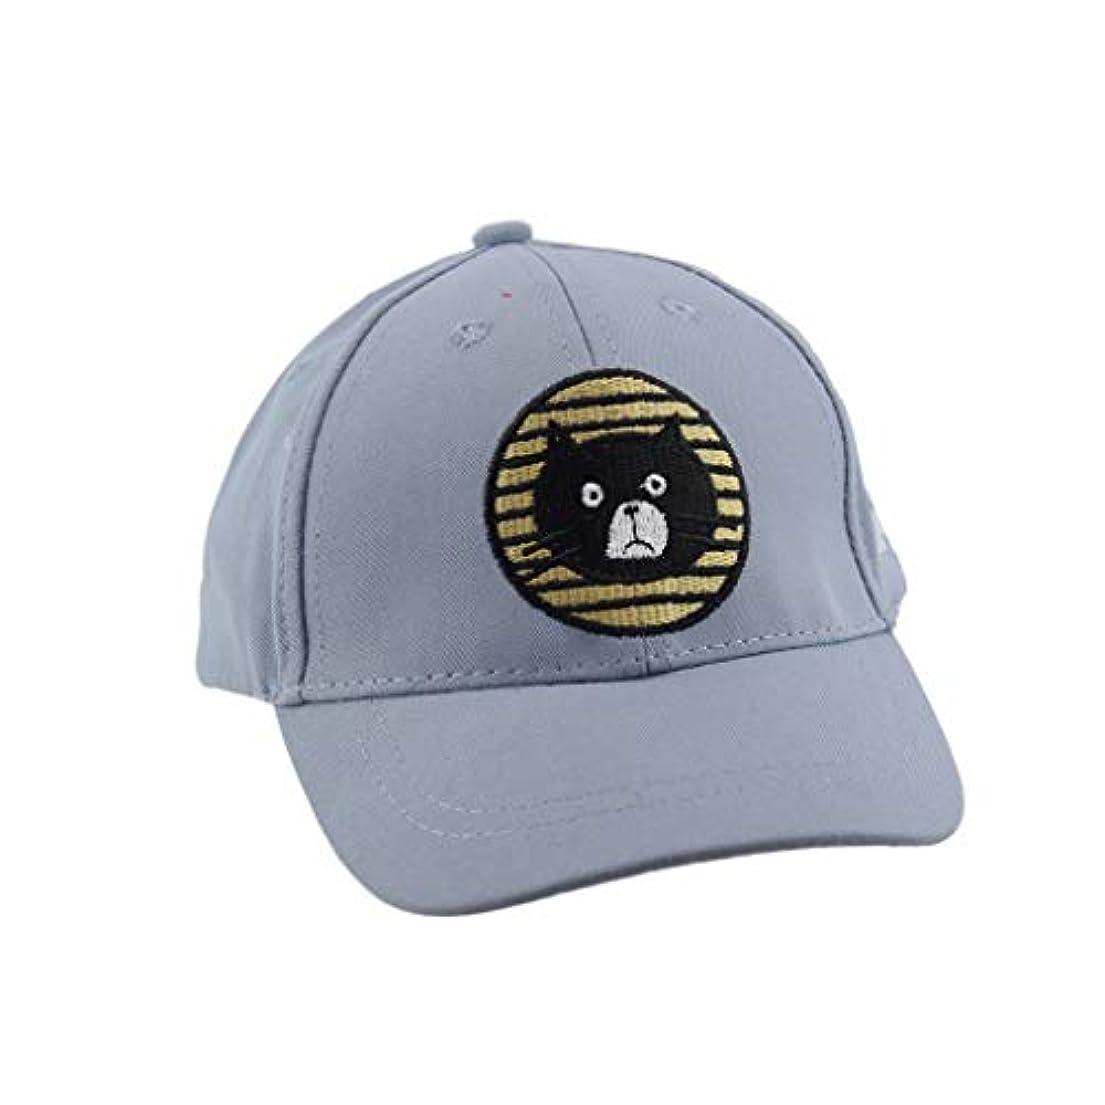 ブランド名症候群プログラムKaiweini 春夏新しい漁夫帽子供しゃれ ベビー帽 通気性抜群 日除け UVカット 紫外線対策スポーツ帽子男女兼用 速乾 軽薄 日よけ野球帽